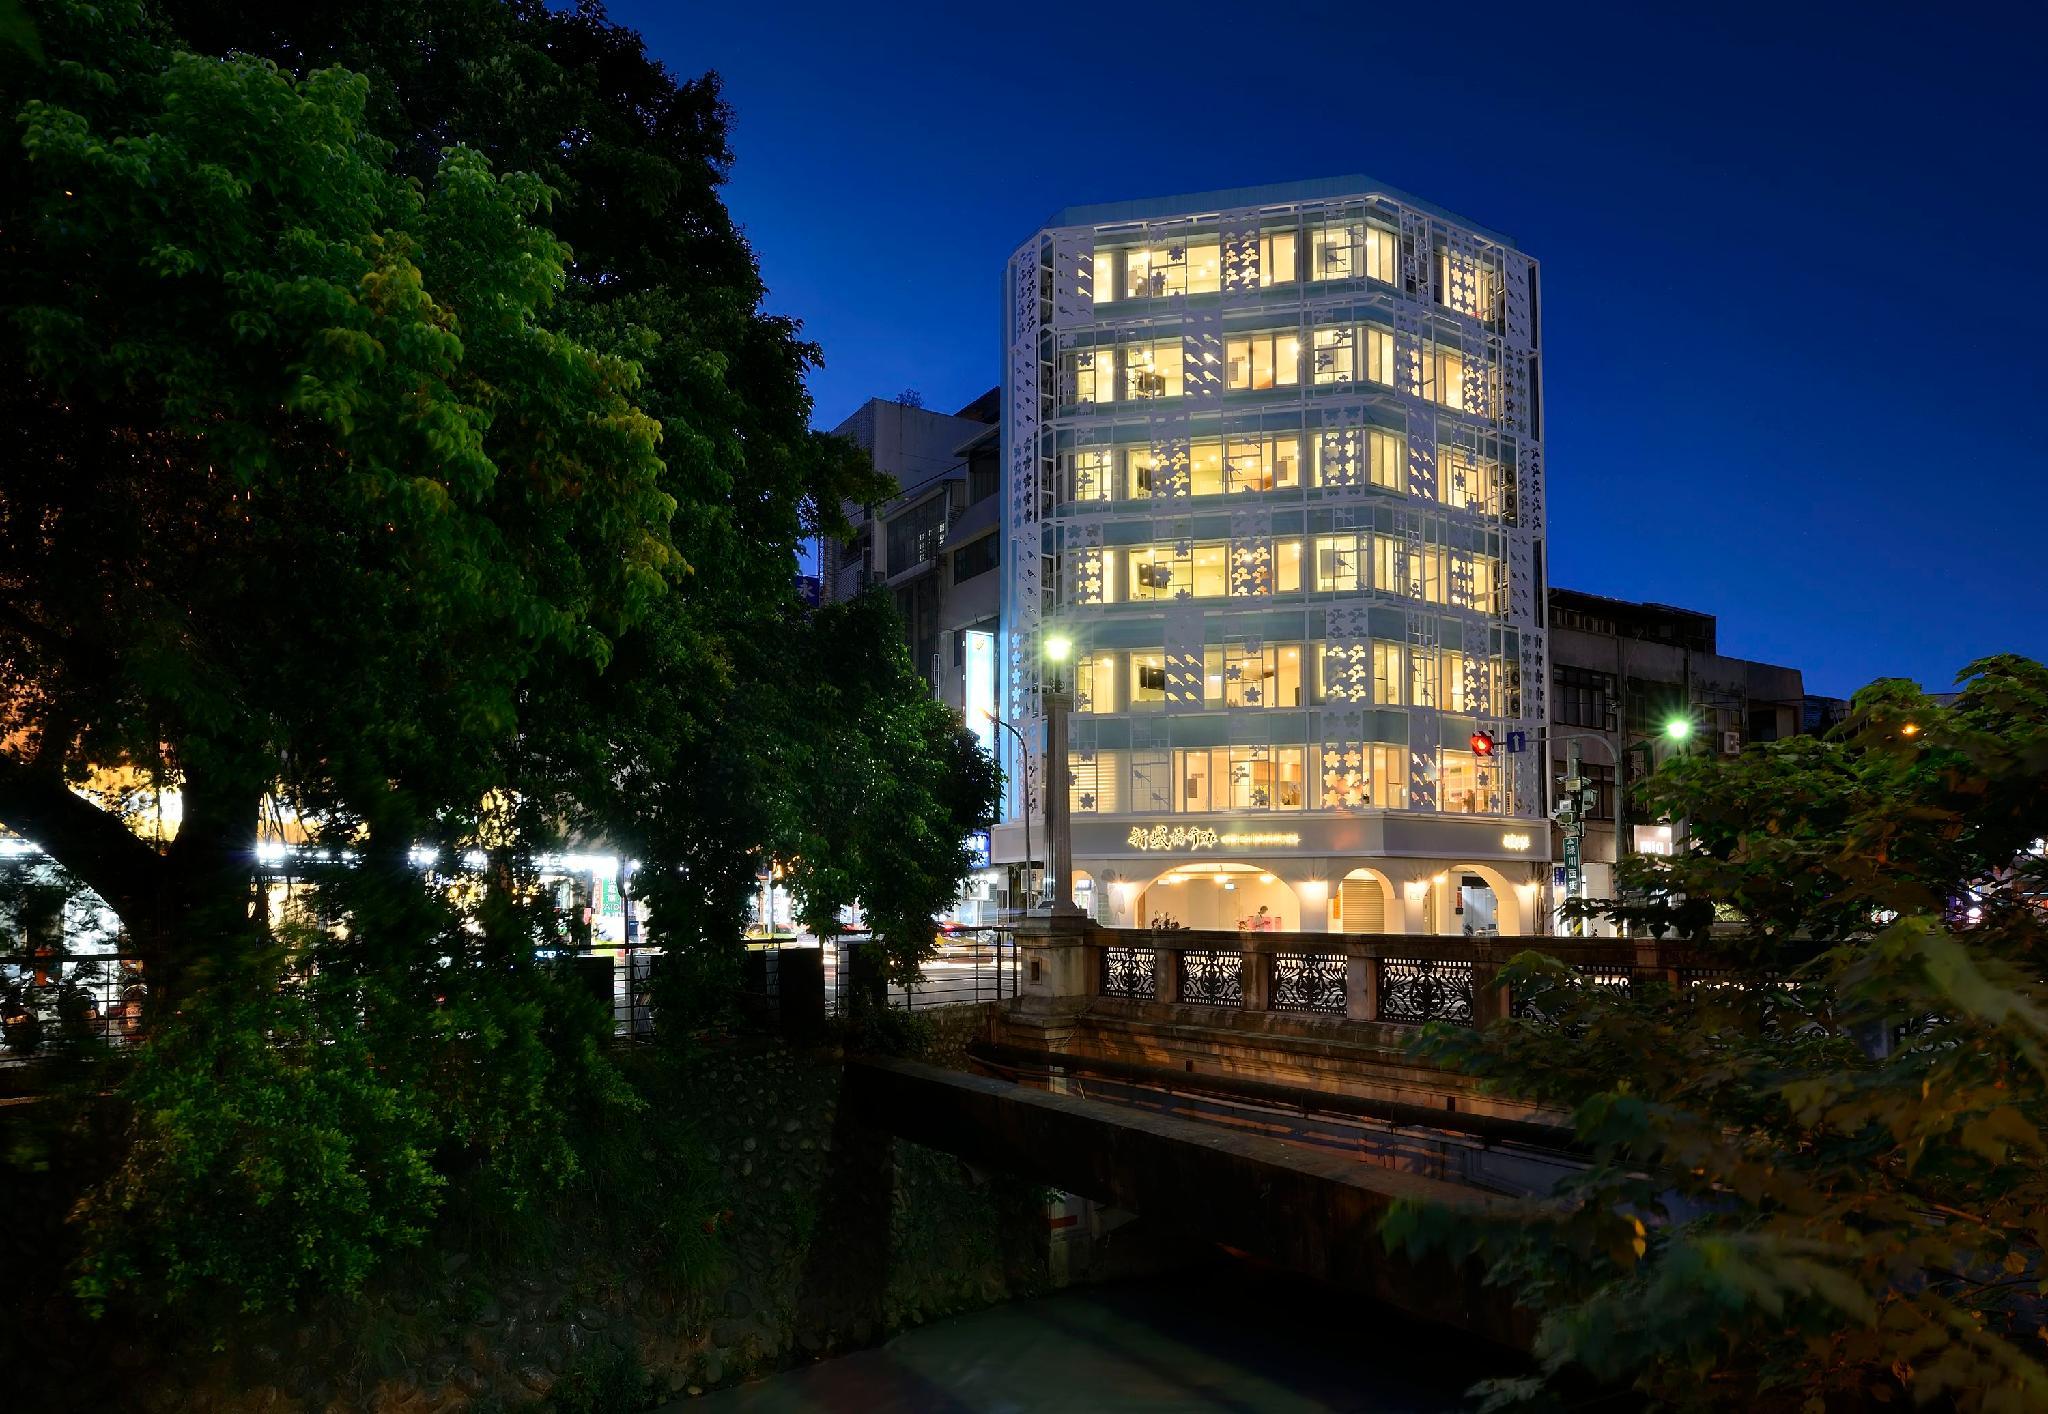 Shin Sei Bashi Hotel